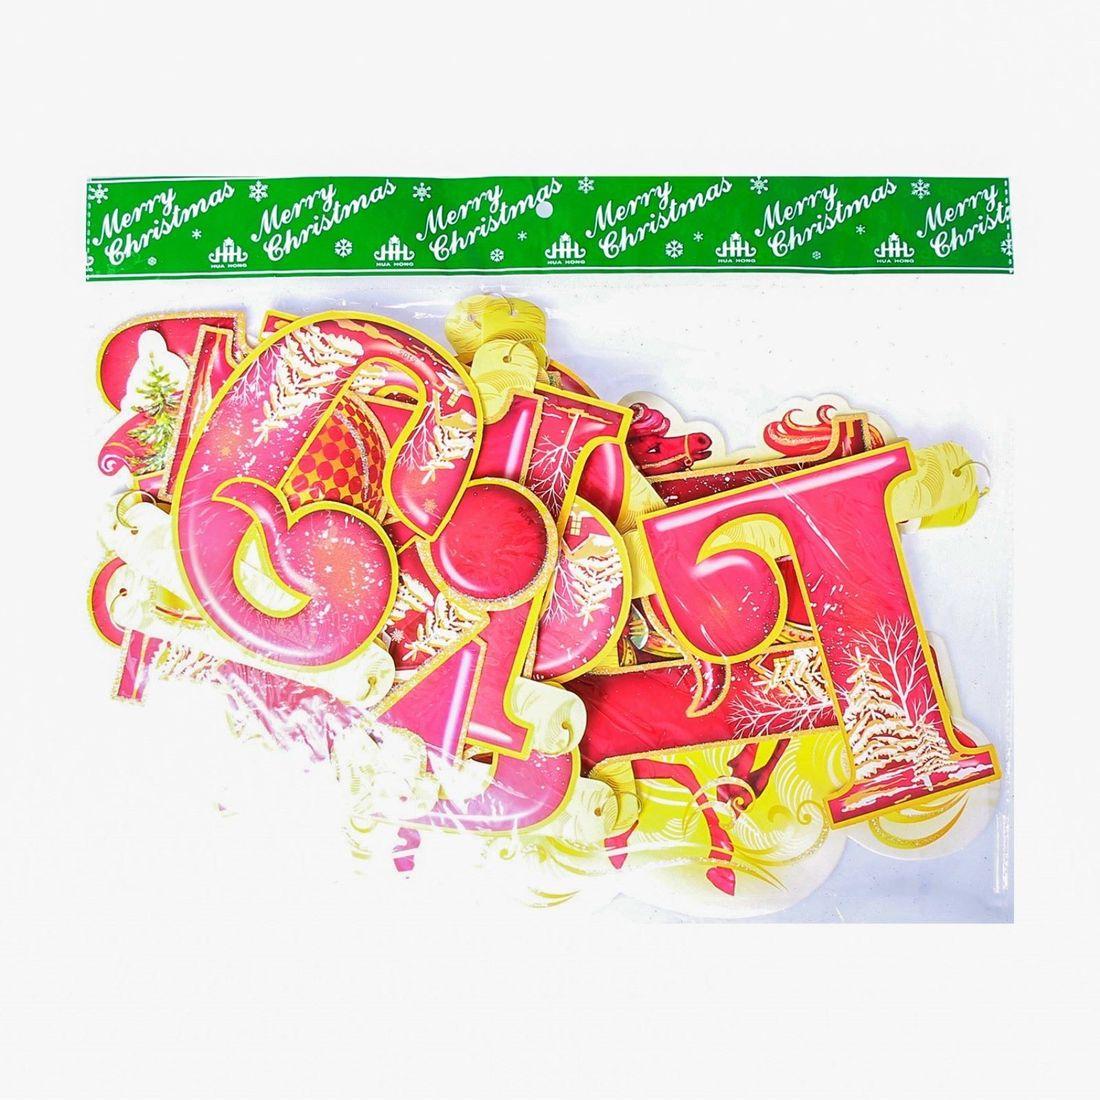 Растяжка декоративная NoName Дед Мороз на тройке, длина 250 см2377903Новогодняя декоративная растяжка NoName Дед Мороз на тройке прекрасно подойдет для декора дома и праздничной елки. Украшение выполнено из высококачественного картона. Новогодние украшения несут в себе волшебство и красоту праздника. Они помогут вам украсить дом к предстоящим праздникам и оживить интерьер по вашему вкусу. Создайте в доме атмосферу тепла, веселья и радости, украшая его всей семьей.